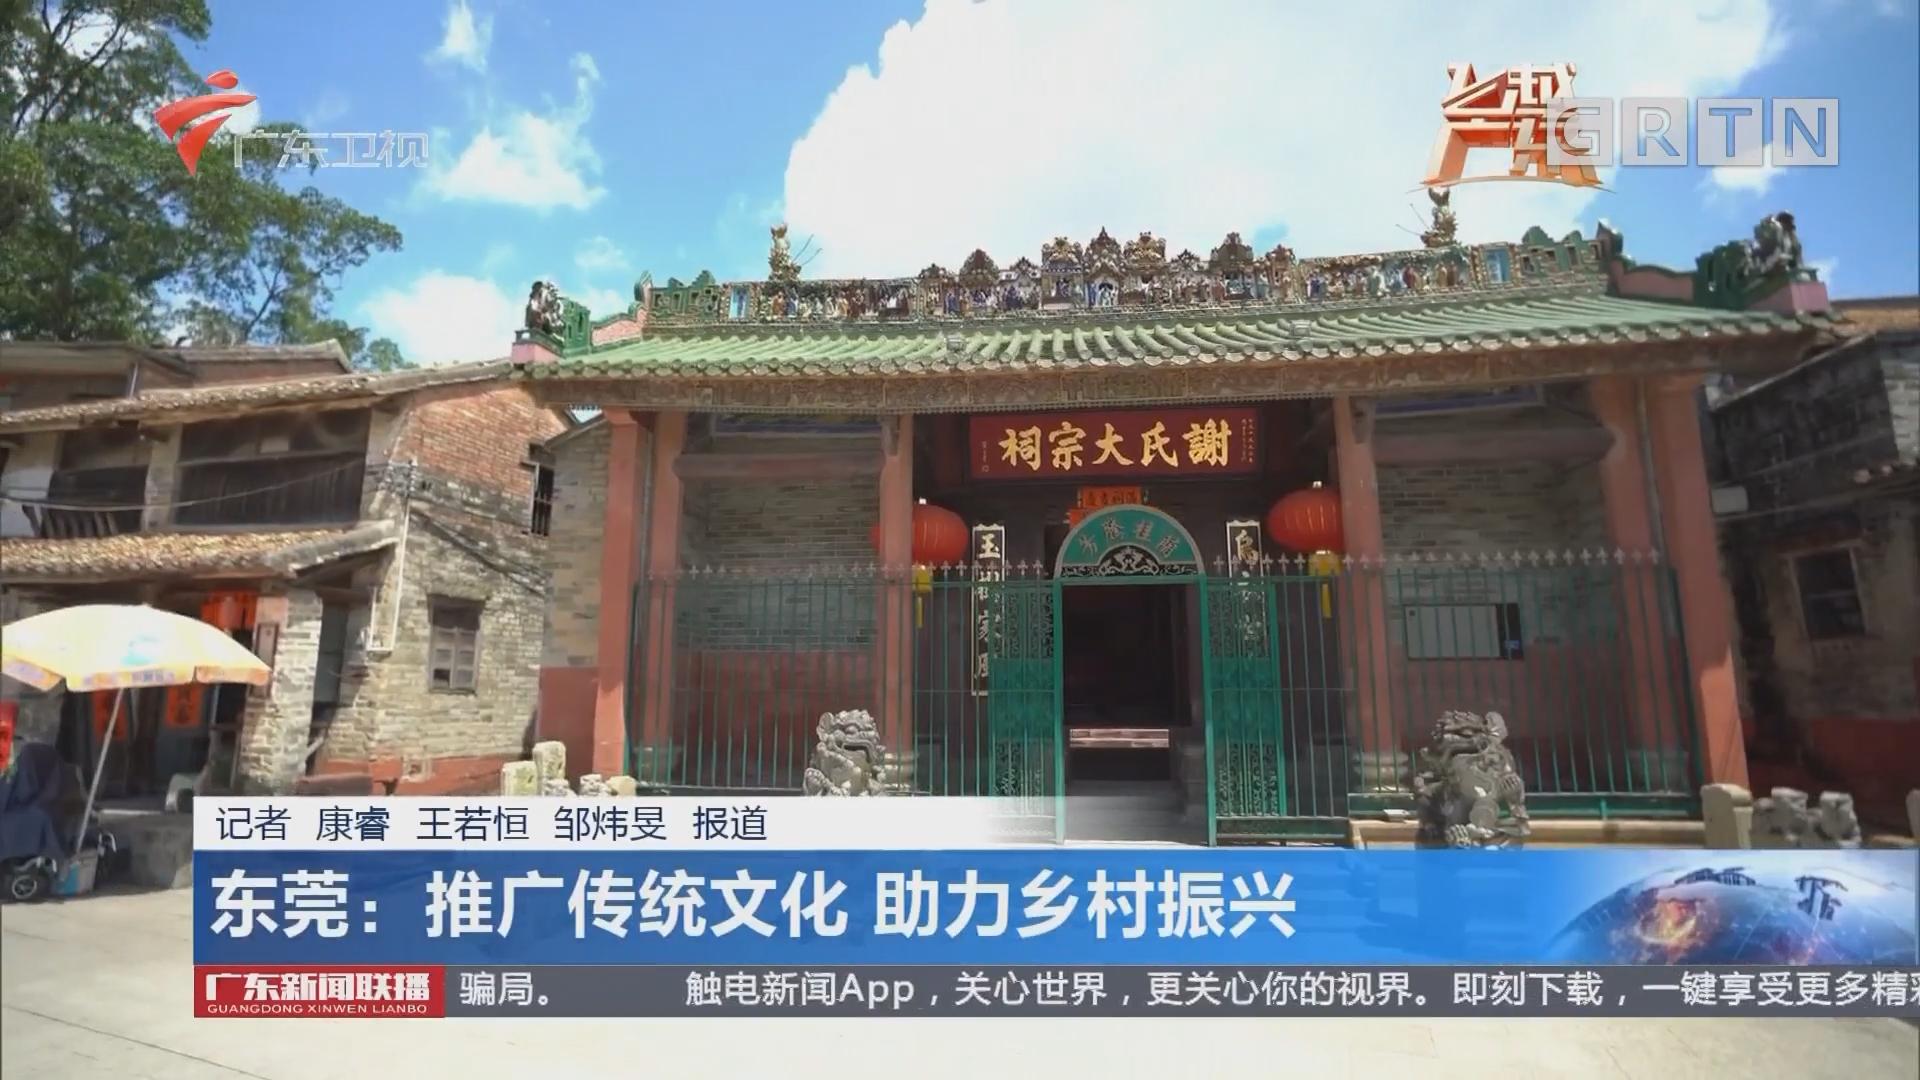 東莞:推廣傳統文化 助力鄉村振興